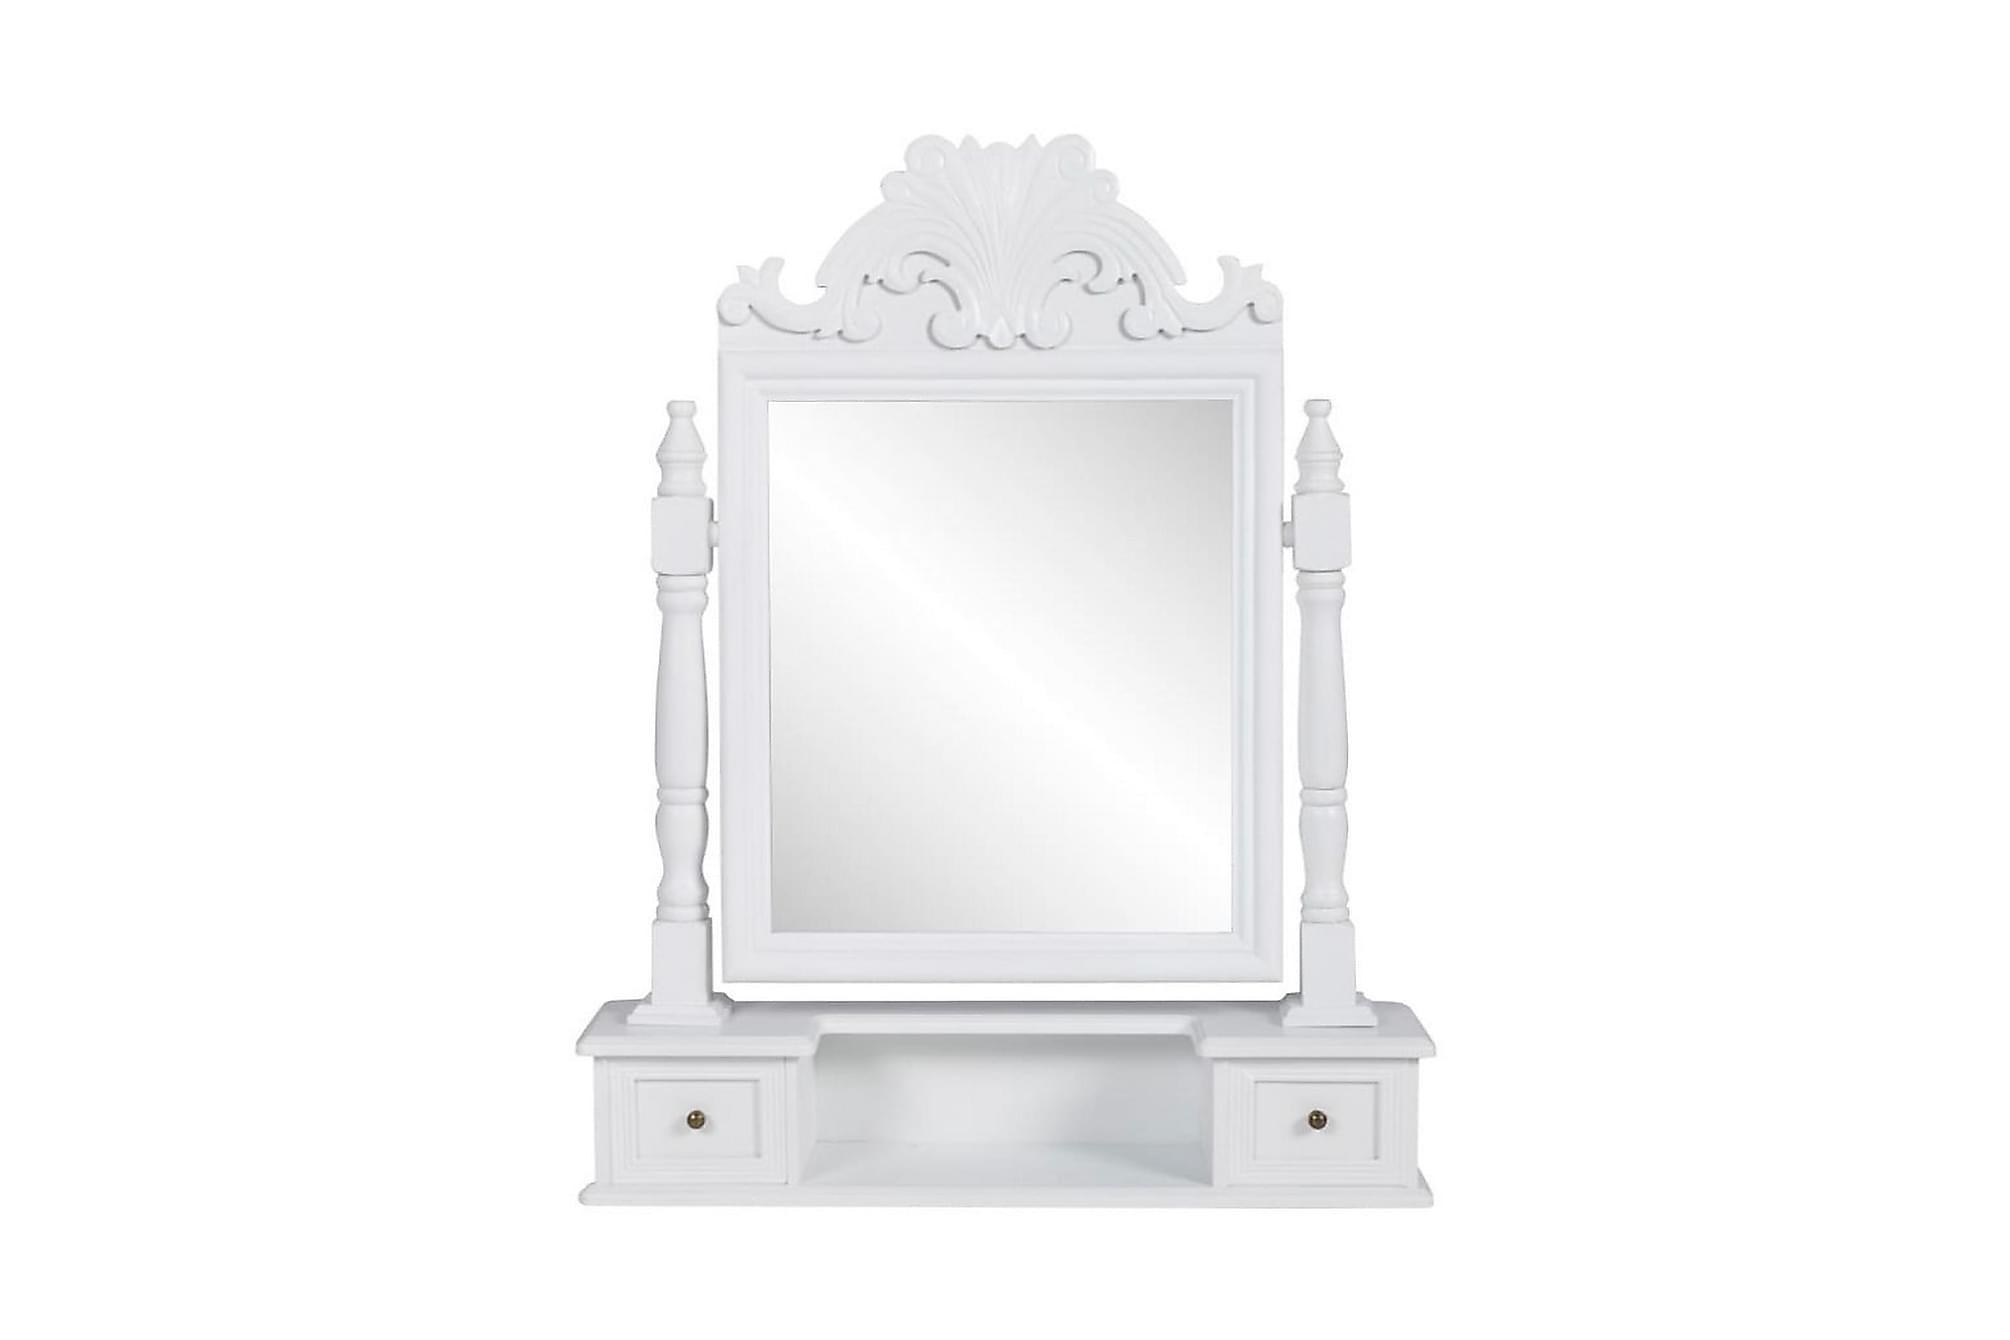 Bordsspegel m. justerbar rektangulär spegel MDF